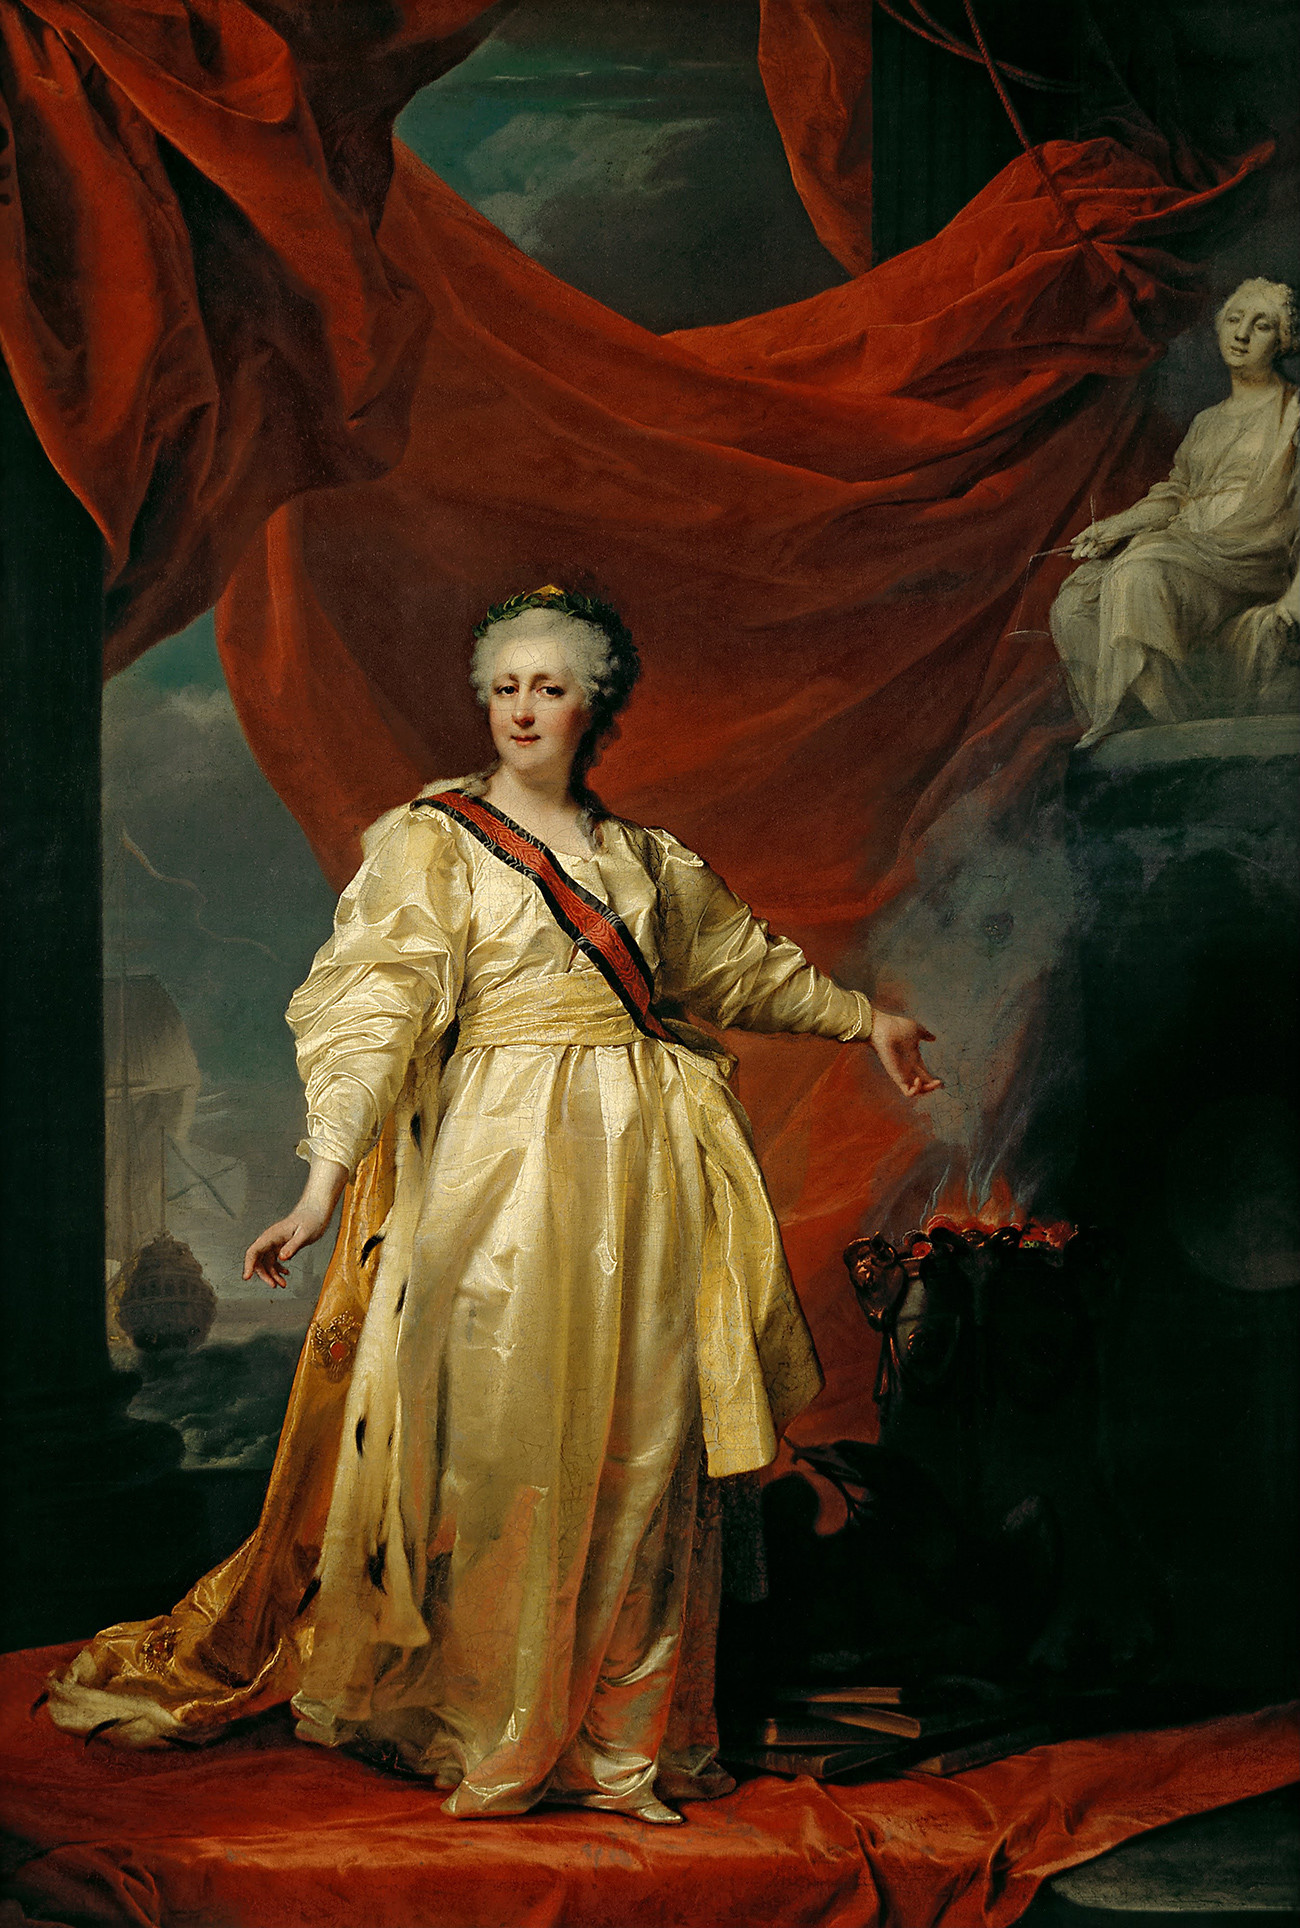 Potret Ekaterina yang Agung sebagai Penegak Hukum di Kuil Dewi Kehakiman, oleh Dmitry Levitsky, awal 1780-an.